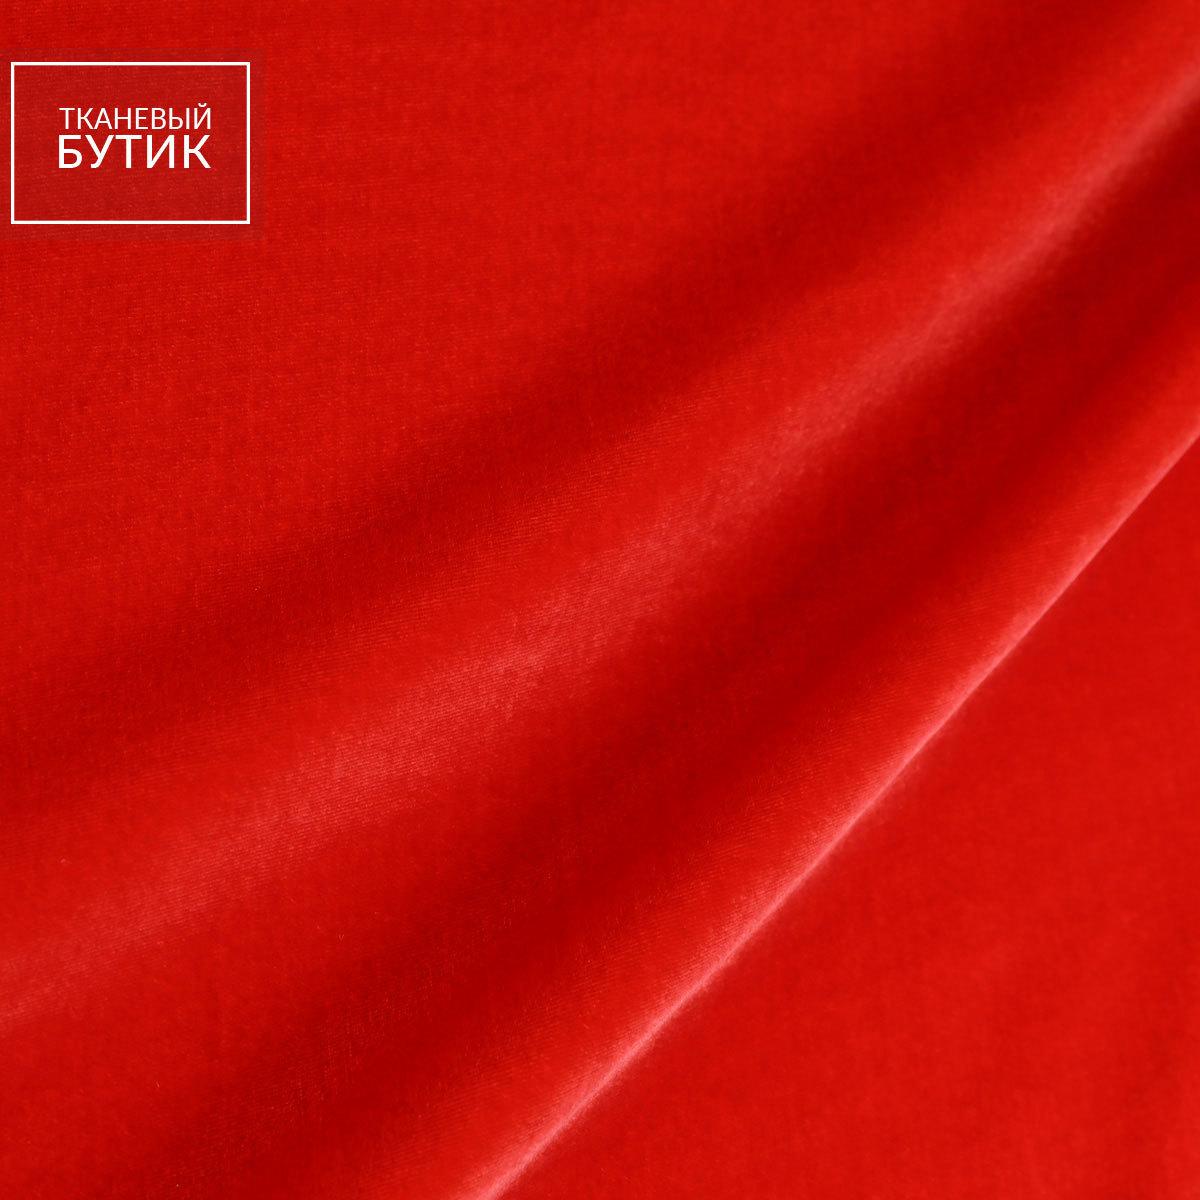 Вискозно-шелковый бархат красно-кораллового цвета